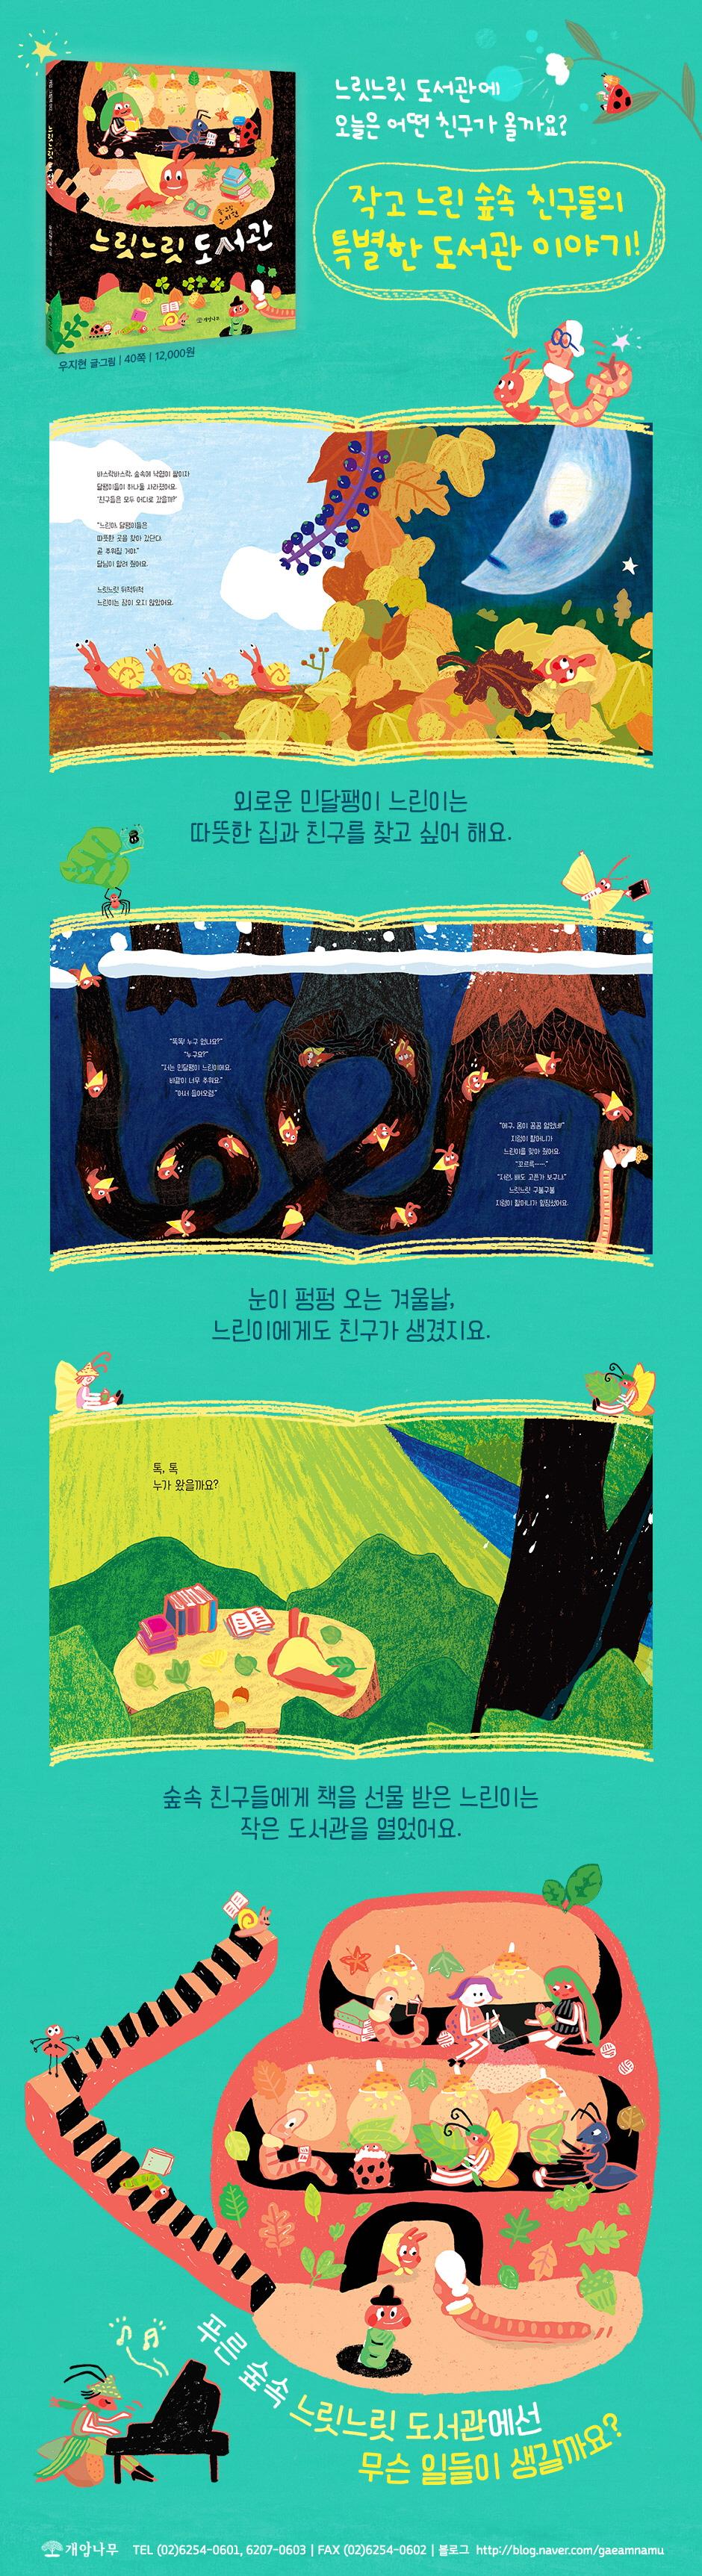 느릿느릿 도서관(개암 그림책 12)(양장본 HardCover) 도서 상세이미지